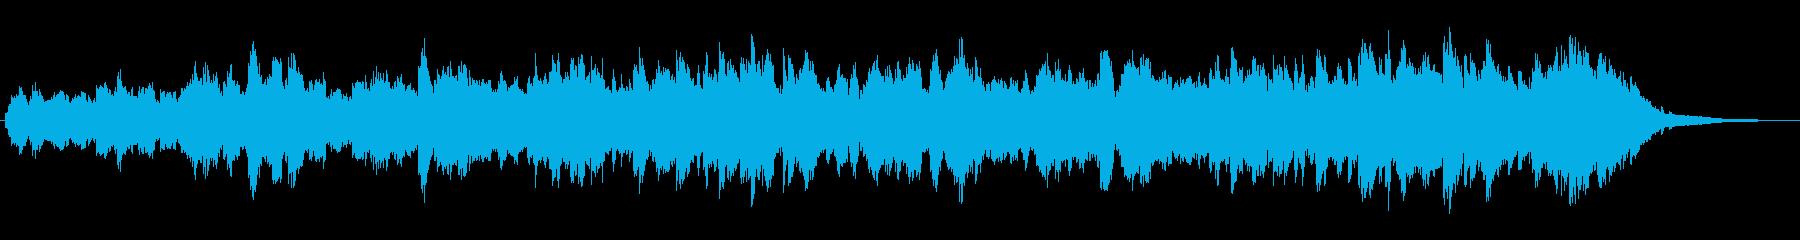 CMや映像に/ピアノ/優しい/感動/F#の再生済みの波形